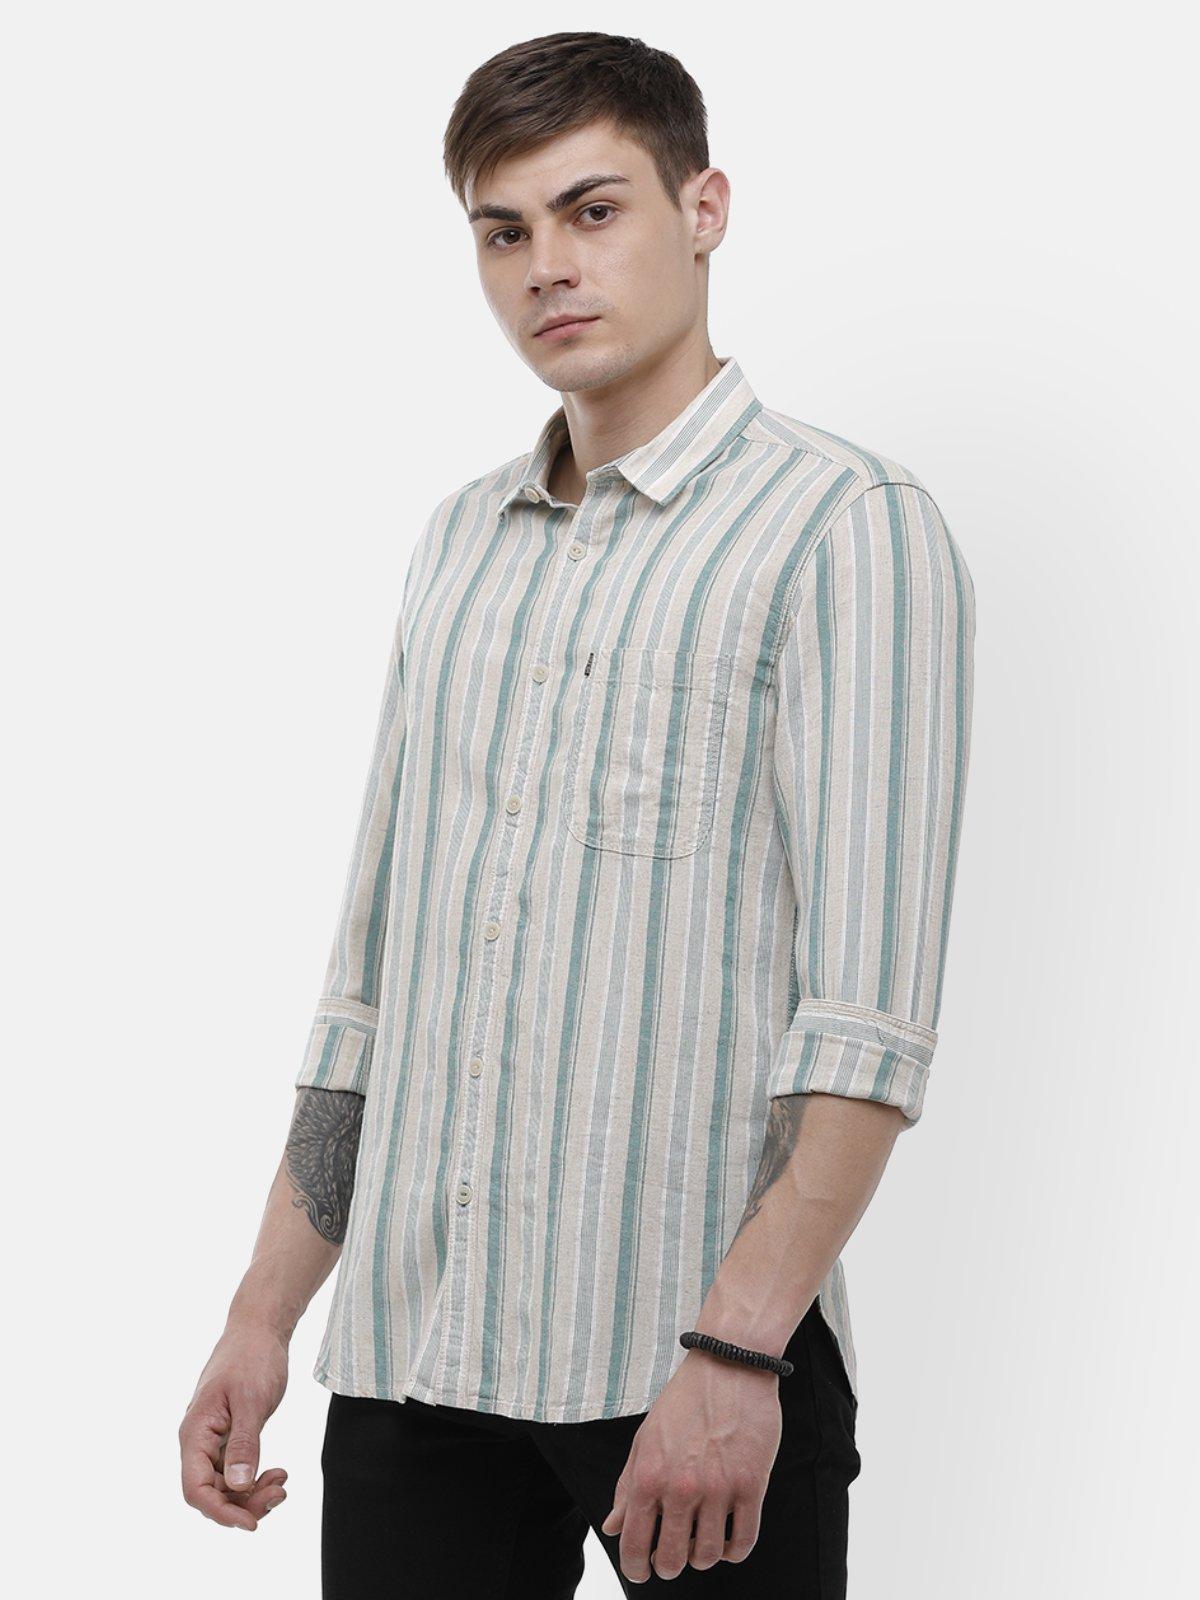 Voi Jeans | Green, Beige Casual Shirt ( VOSH1403)